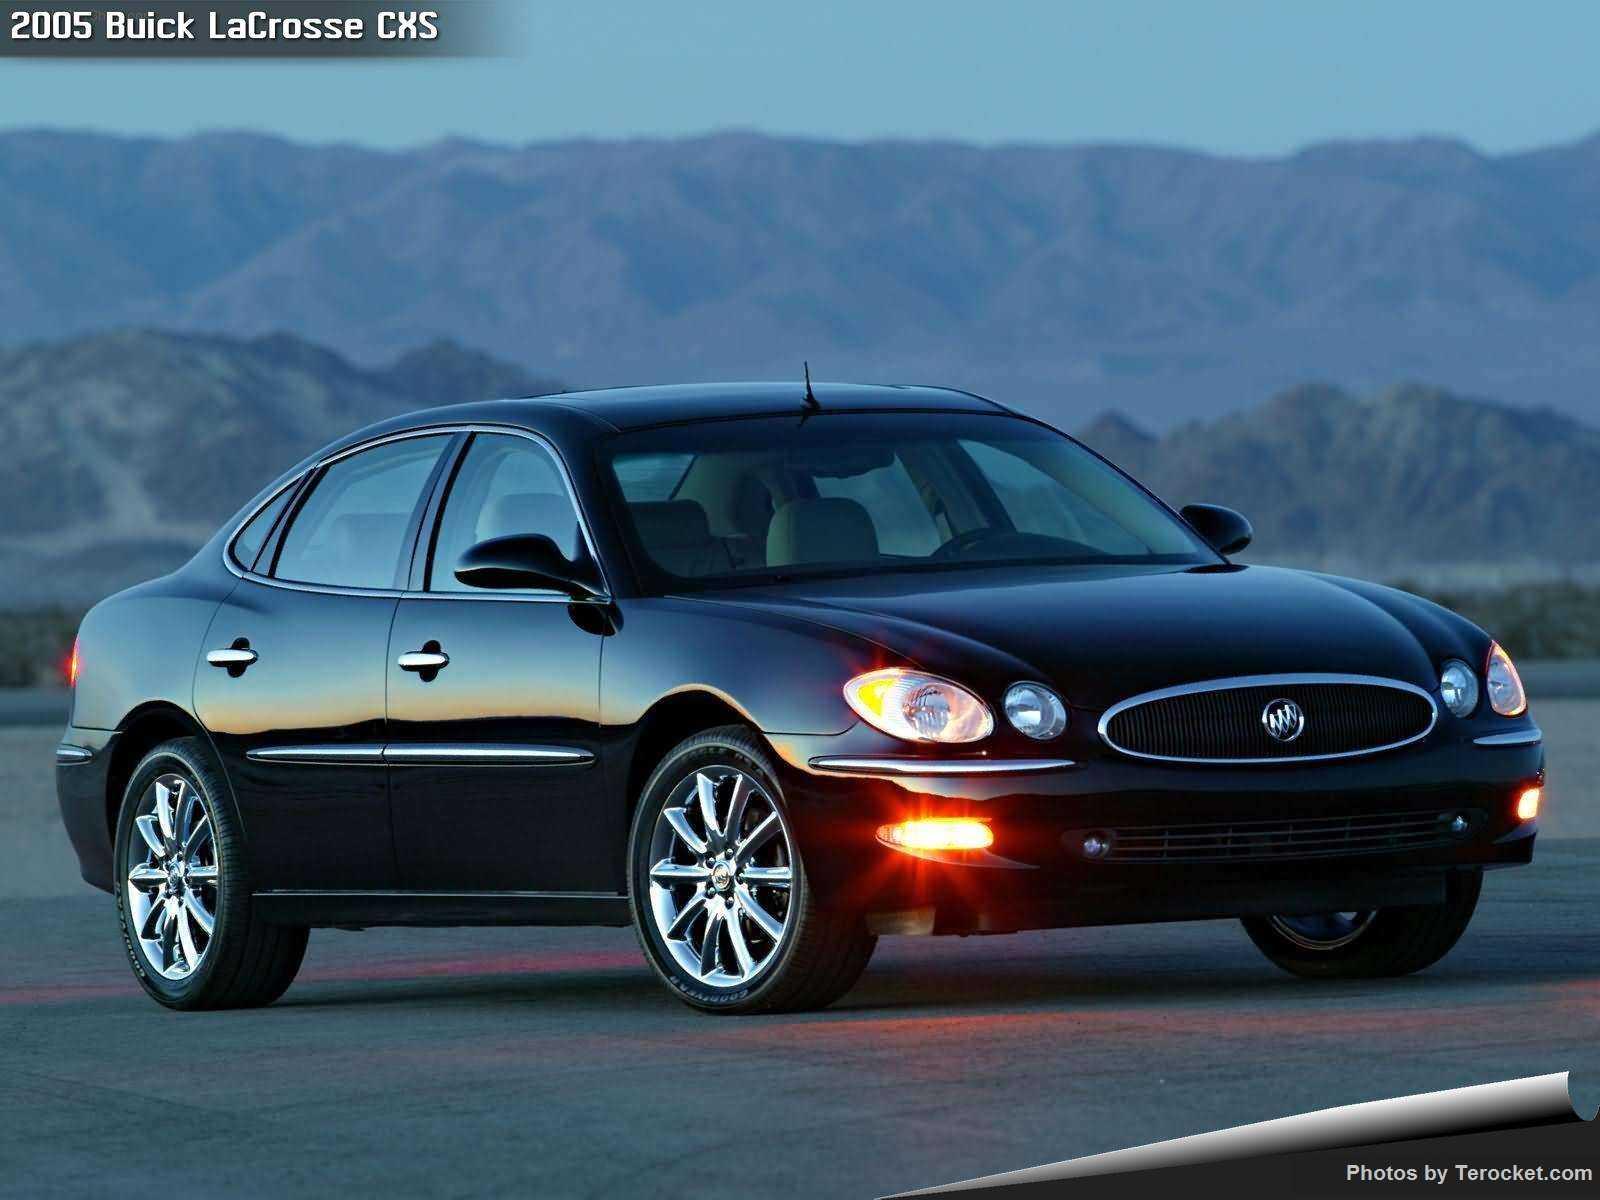 Hình ảnh xe ô tô Buick LaCrosse CXS 2005 & nội ngoại thất